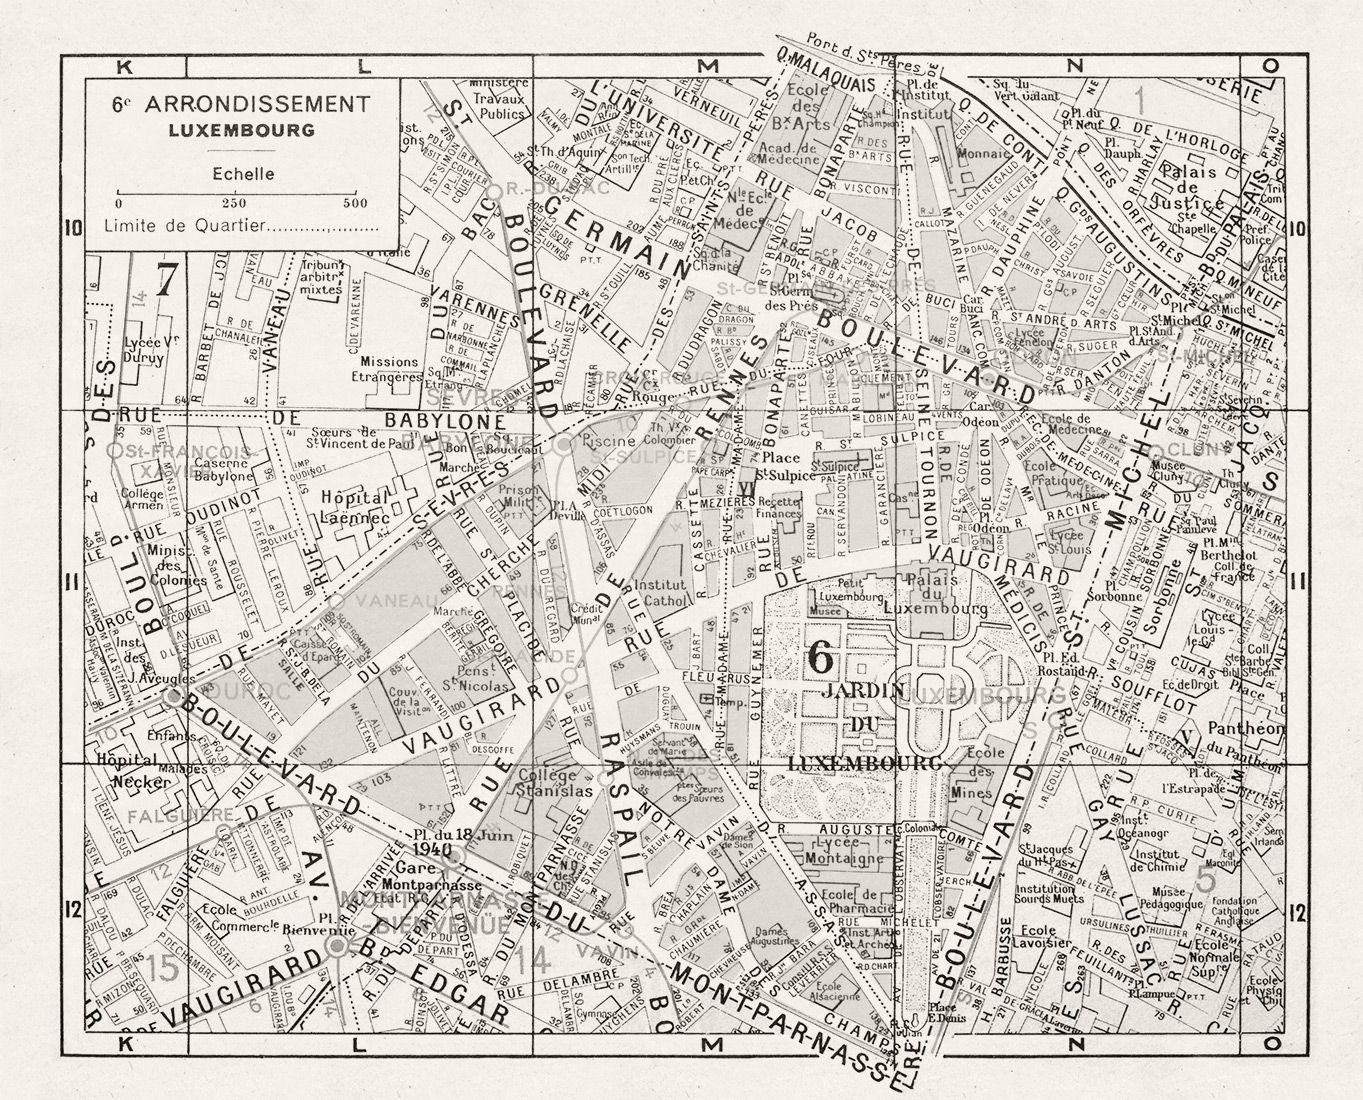 Map Of Paris France 6th Arrondissement.6er Paris Arrondissement Map Luxembourg Maps Paris